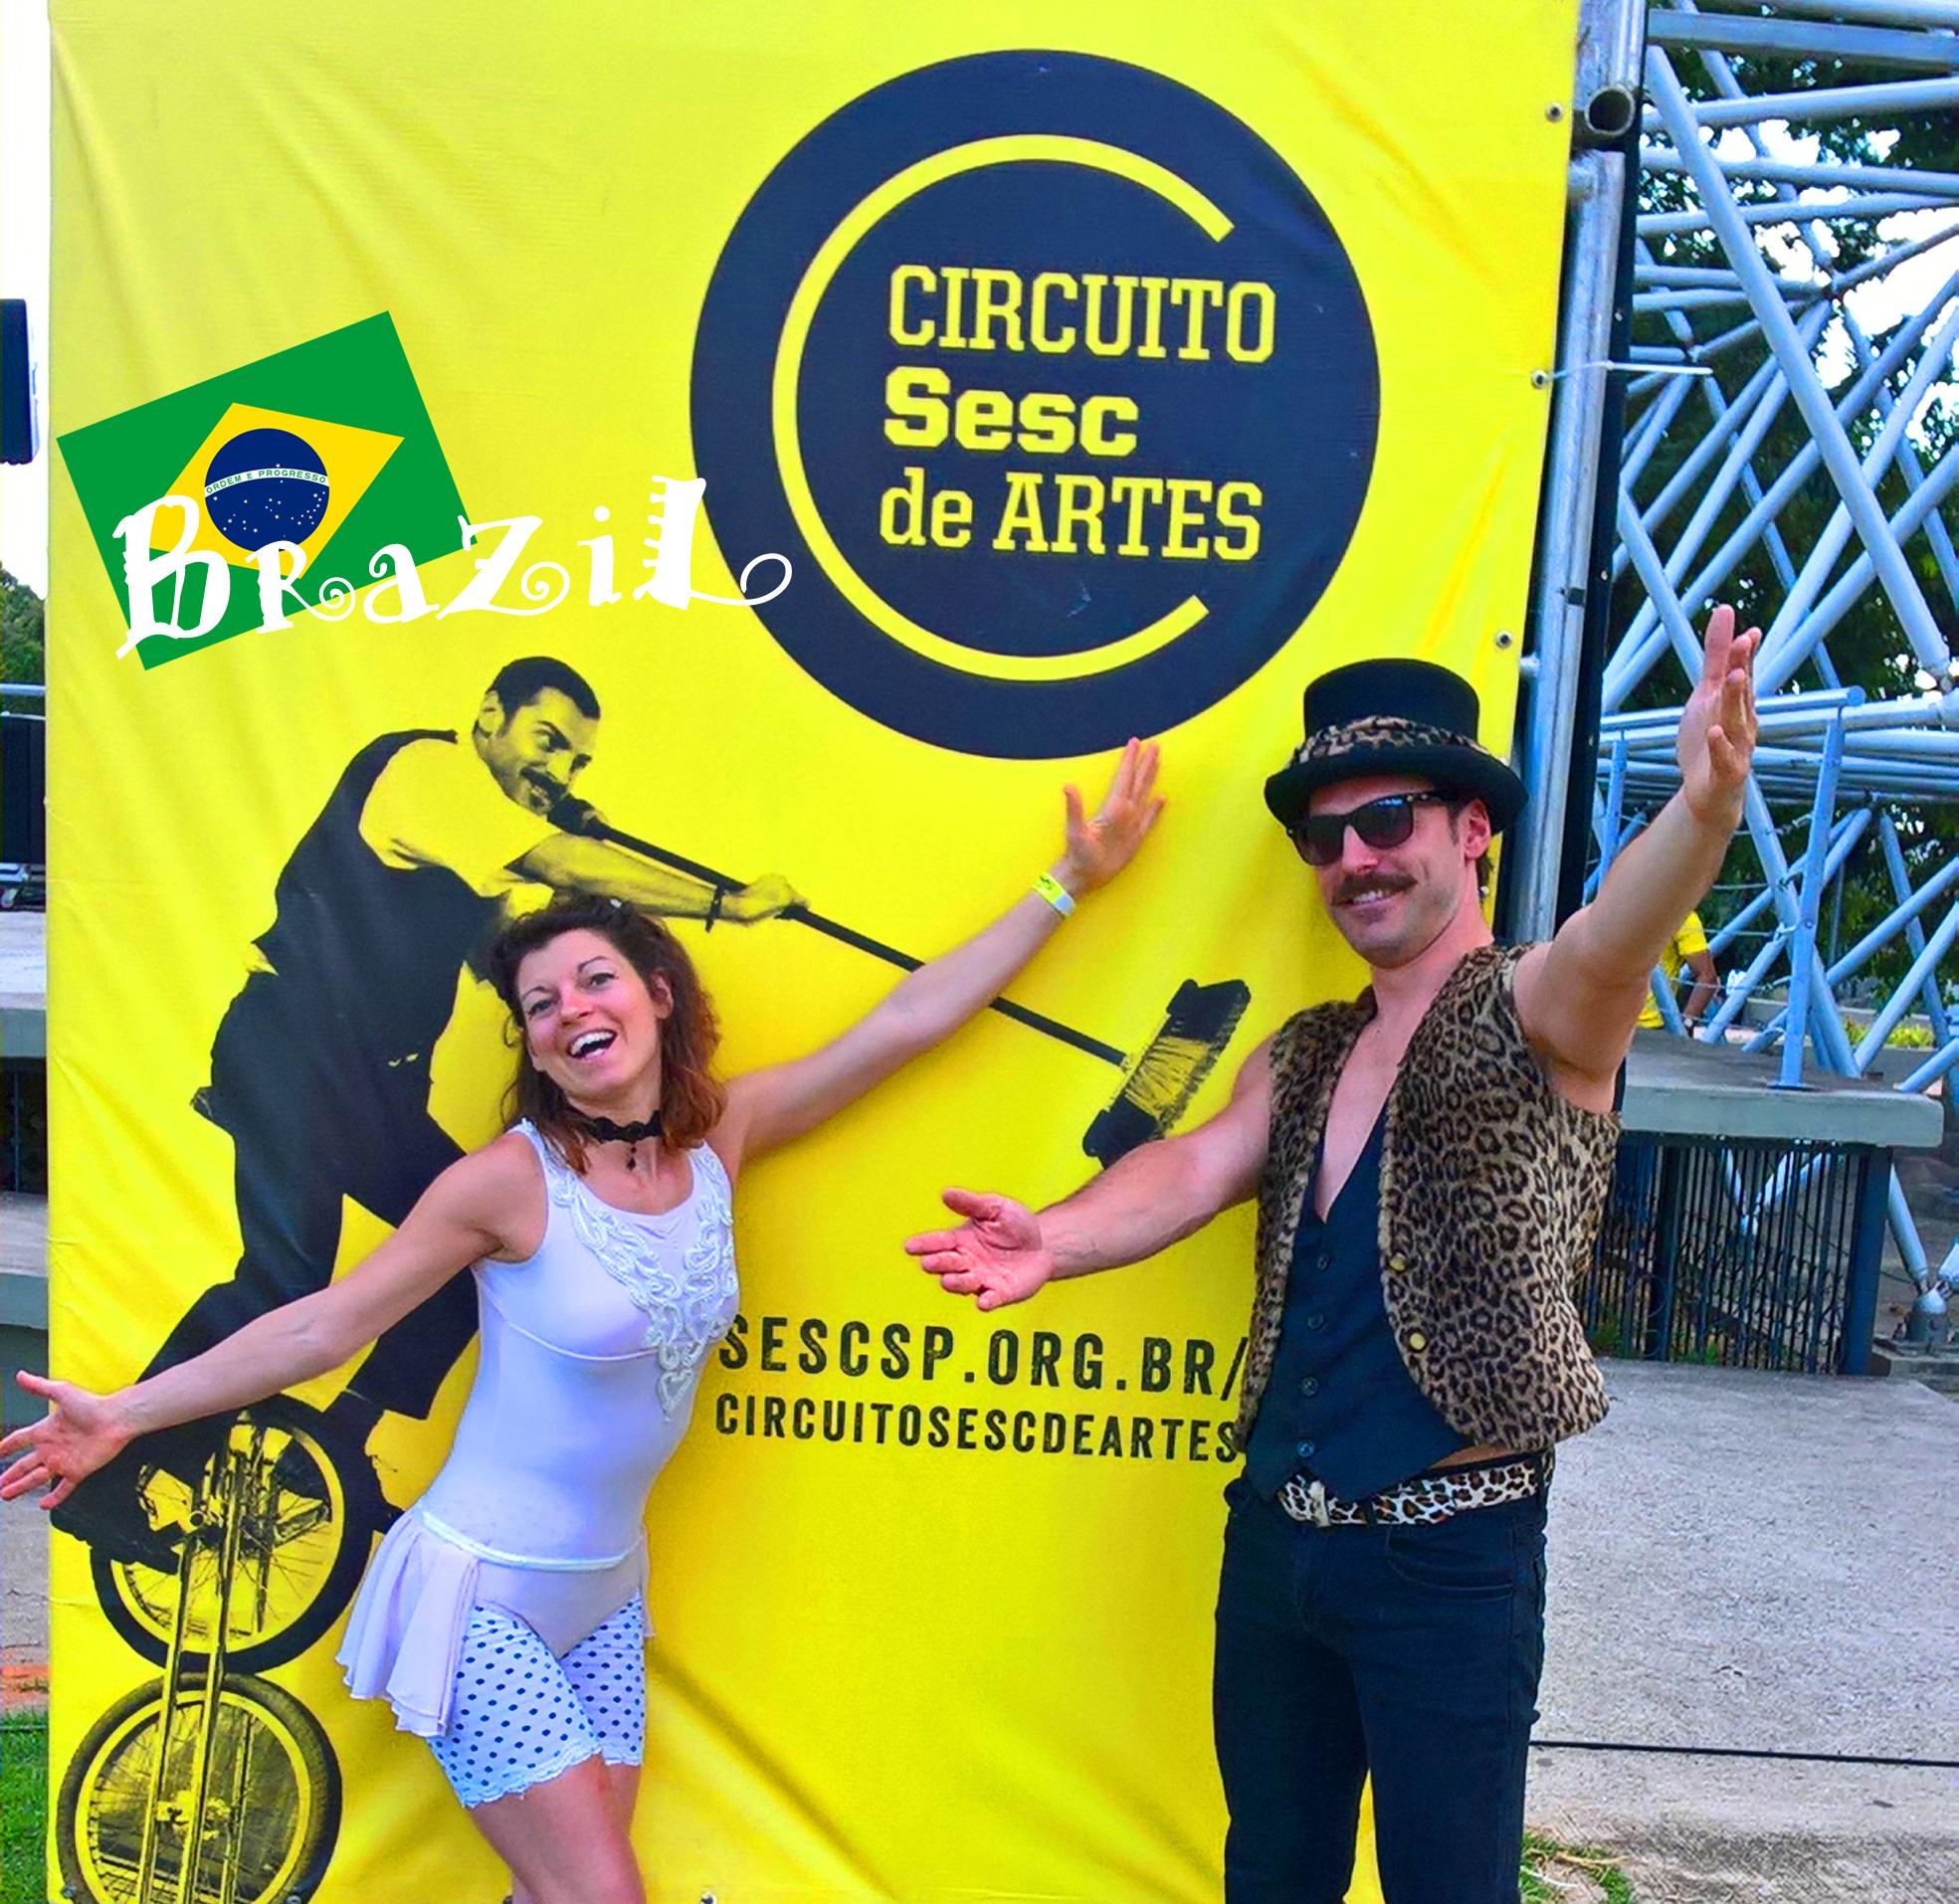 Artistas de Rua no Brazil